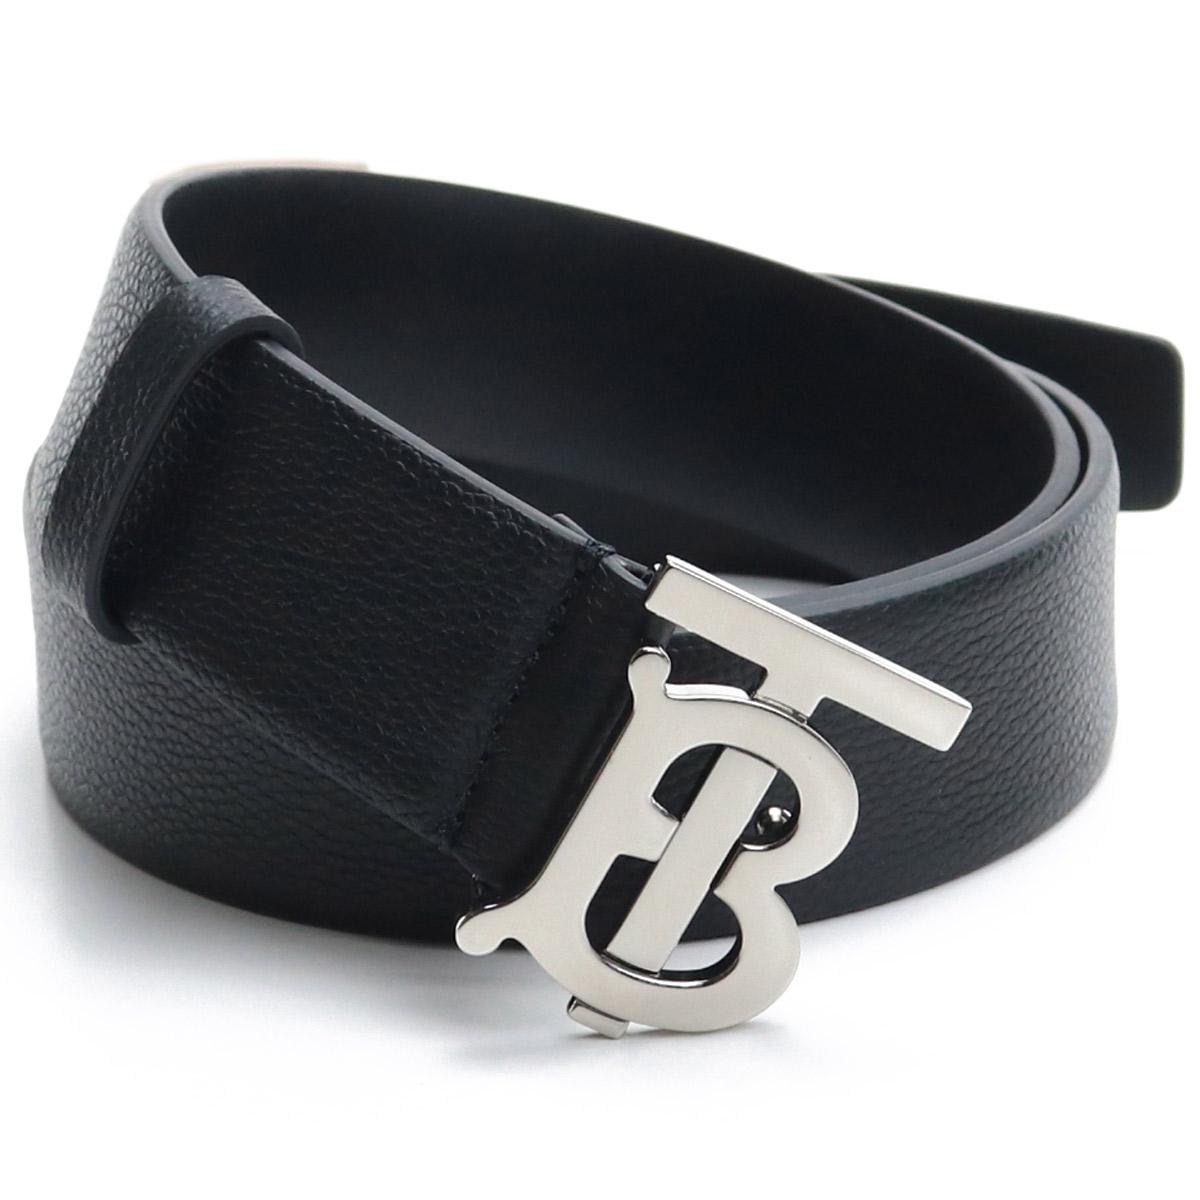 バーバリー BURBERRY メンズベルト モノグラムモチーフ グレイニーレザー ベルト8015599 A1189 BLACK ブラック メンズ